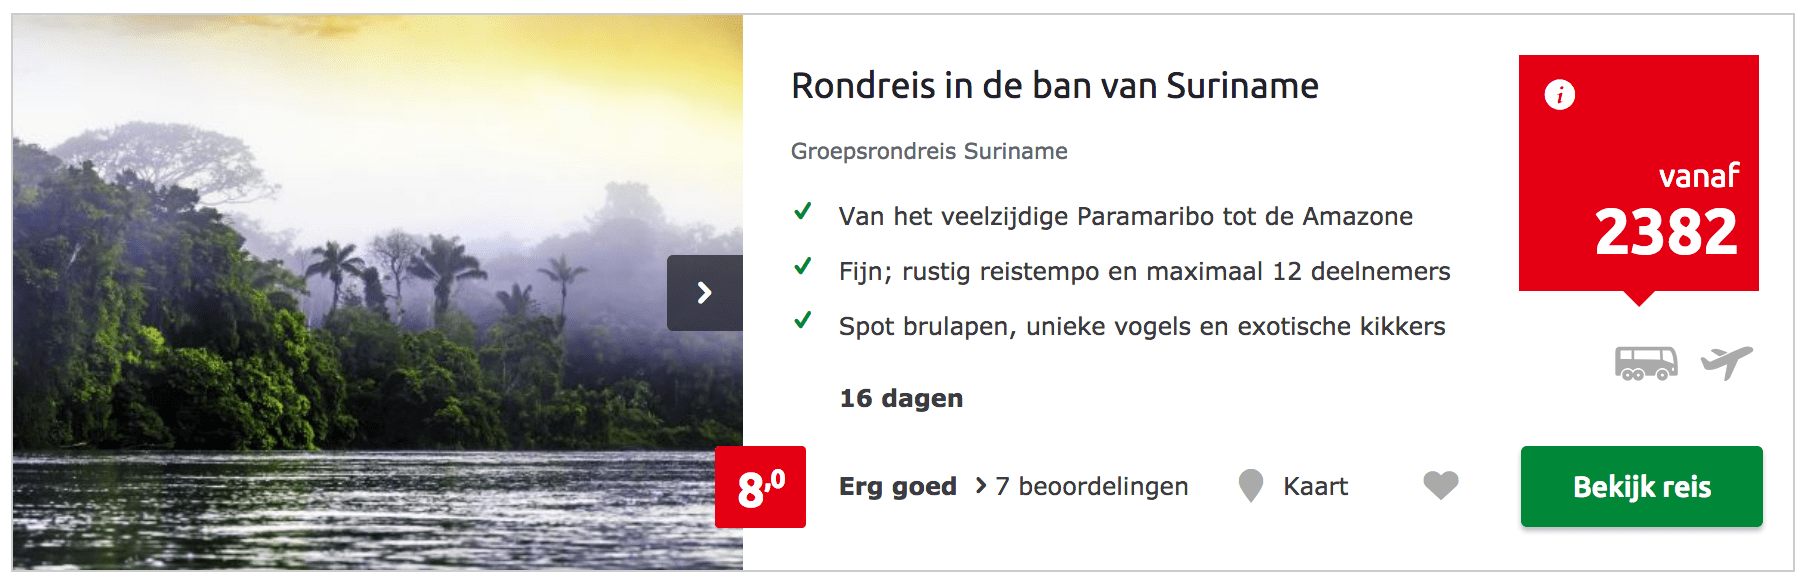 Rondreis Suriname- In de ban van Suriname